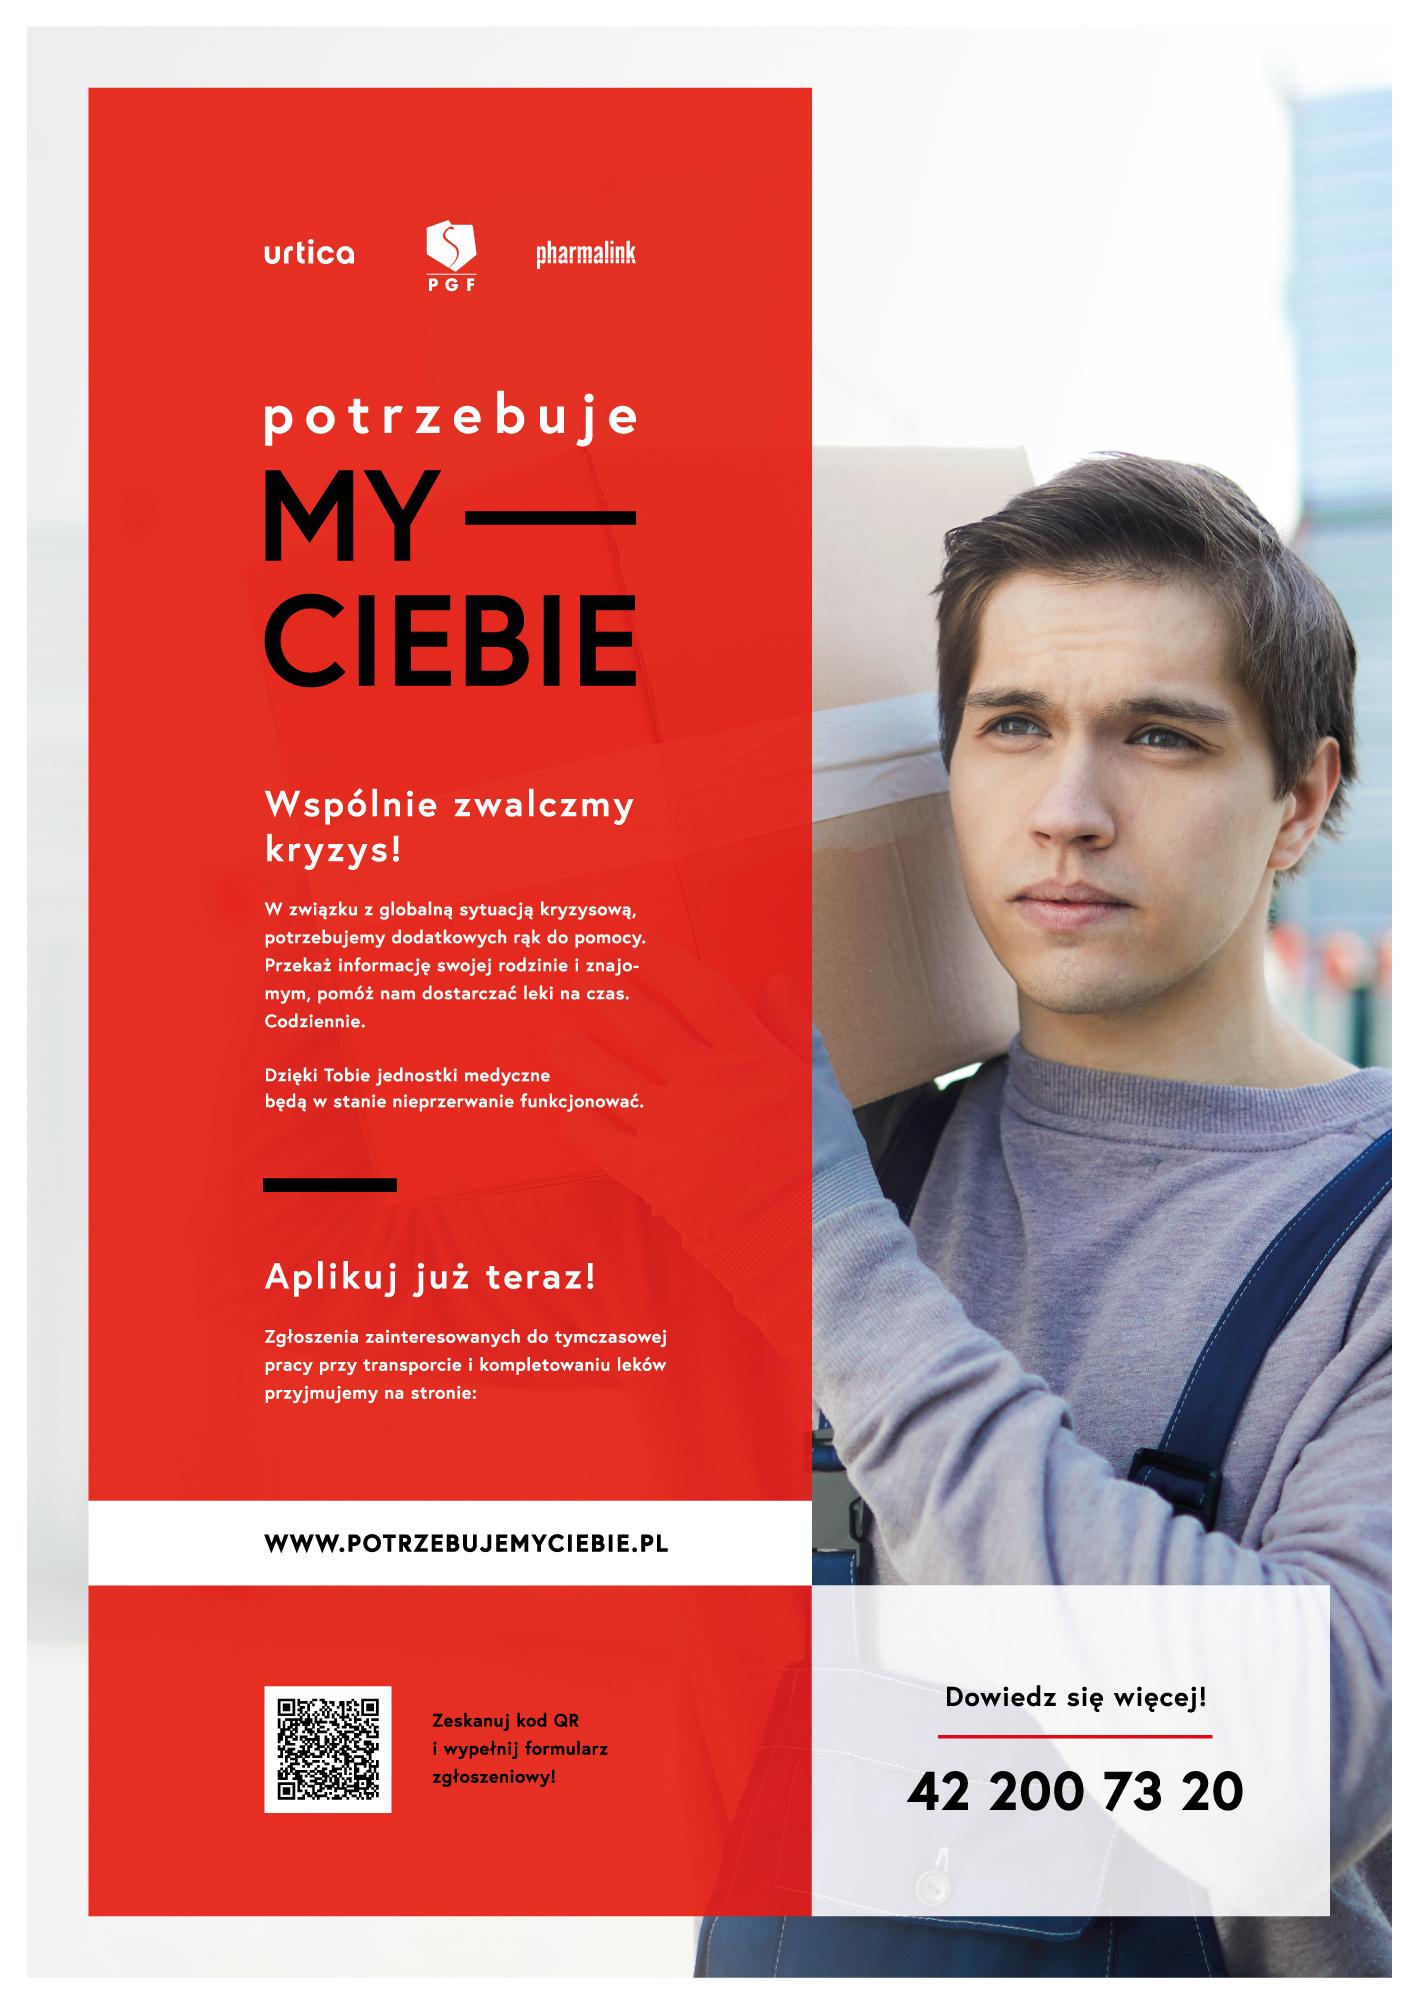 Potrzebujemy Ciebie! - akcja Polskiej Grupy Farmaceutycznej